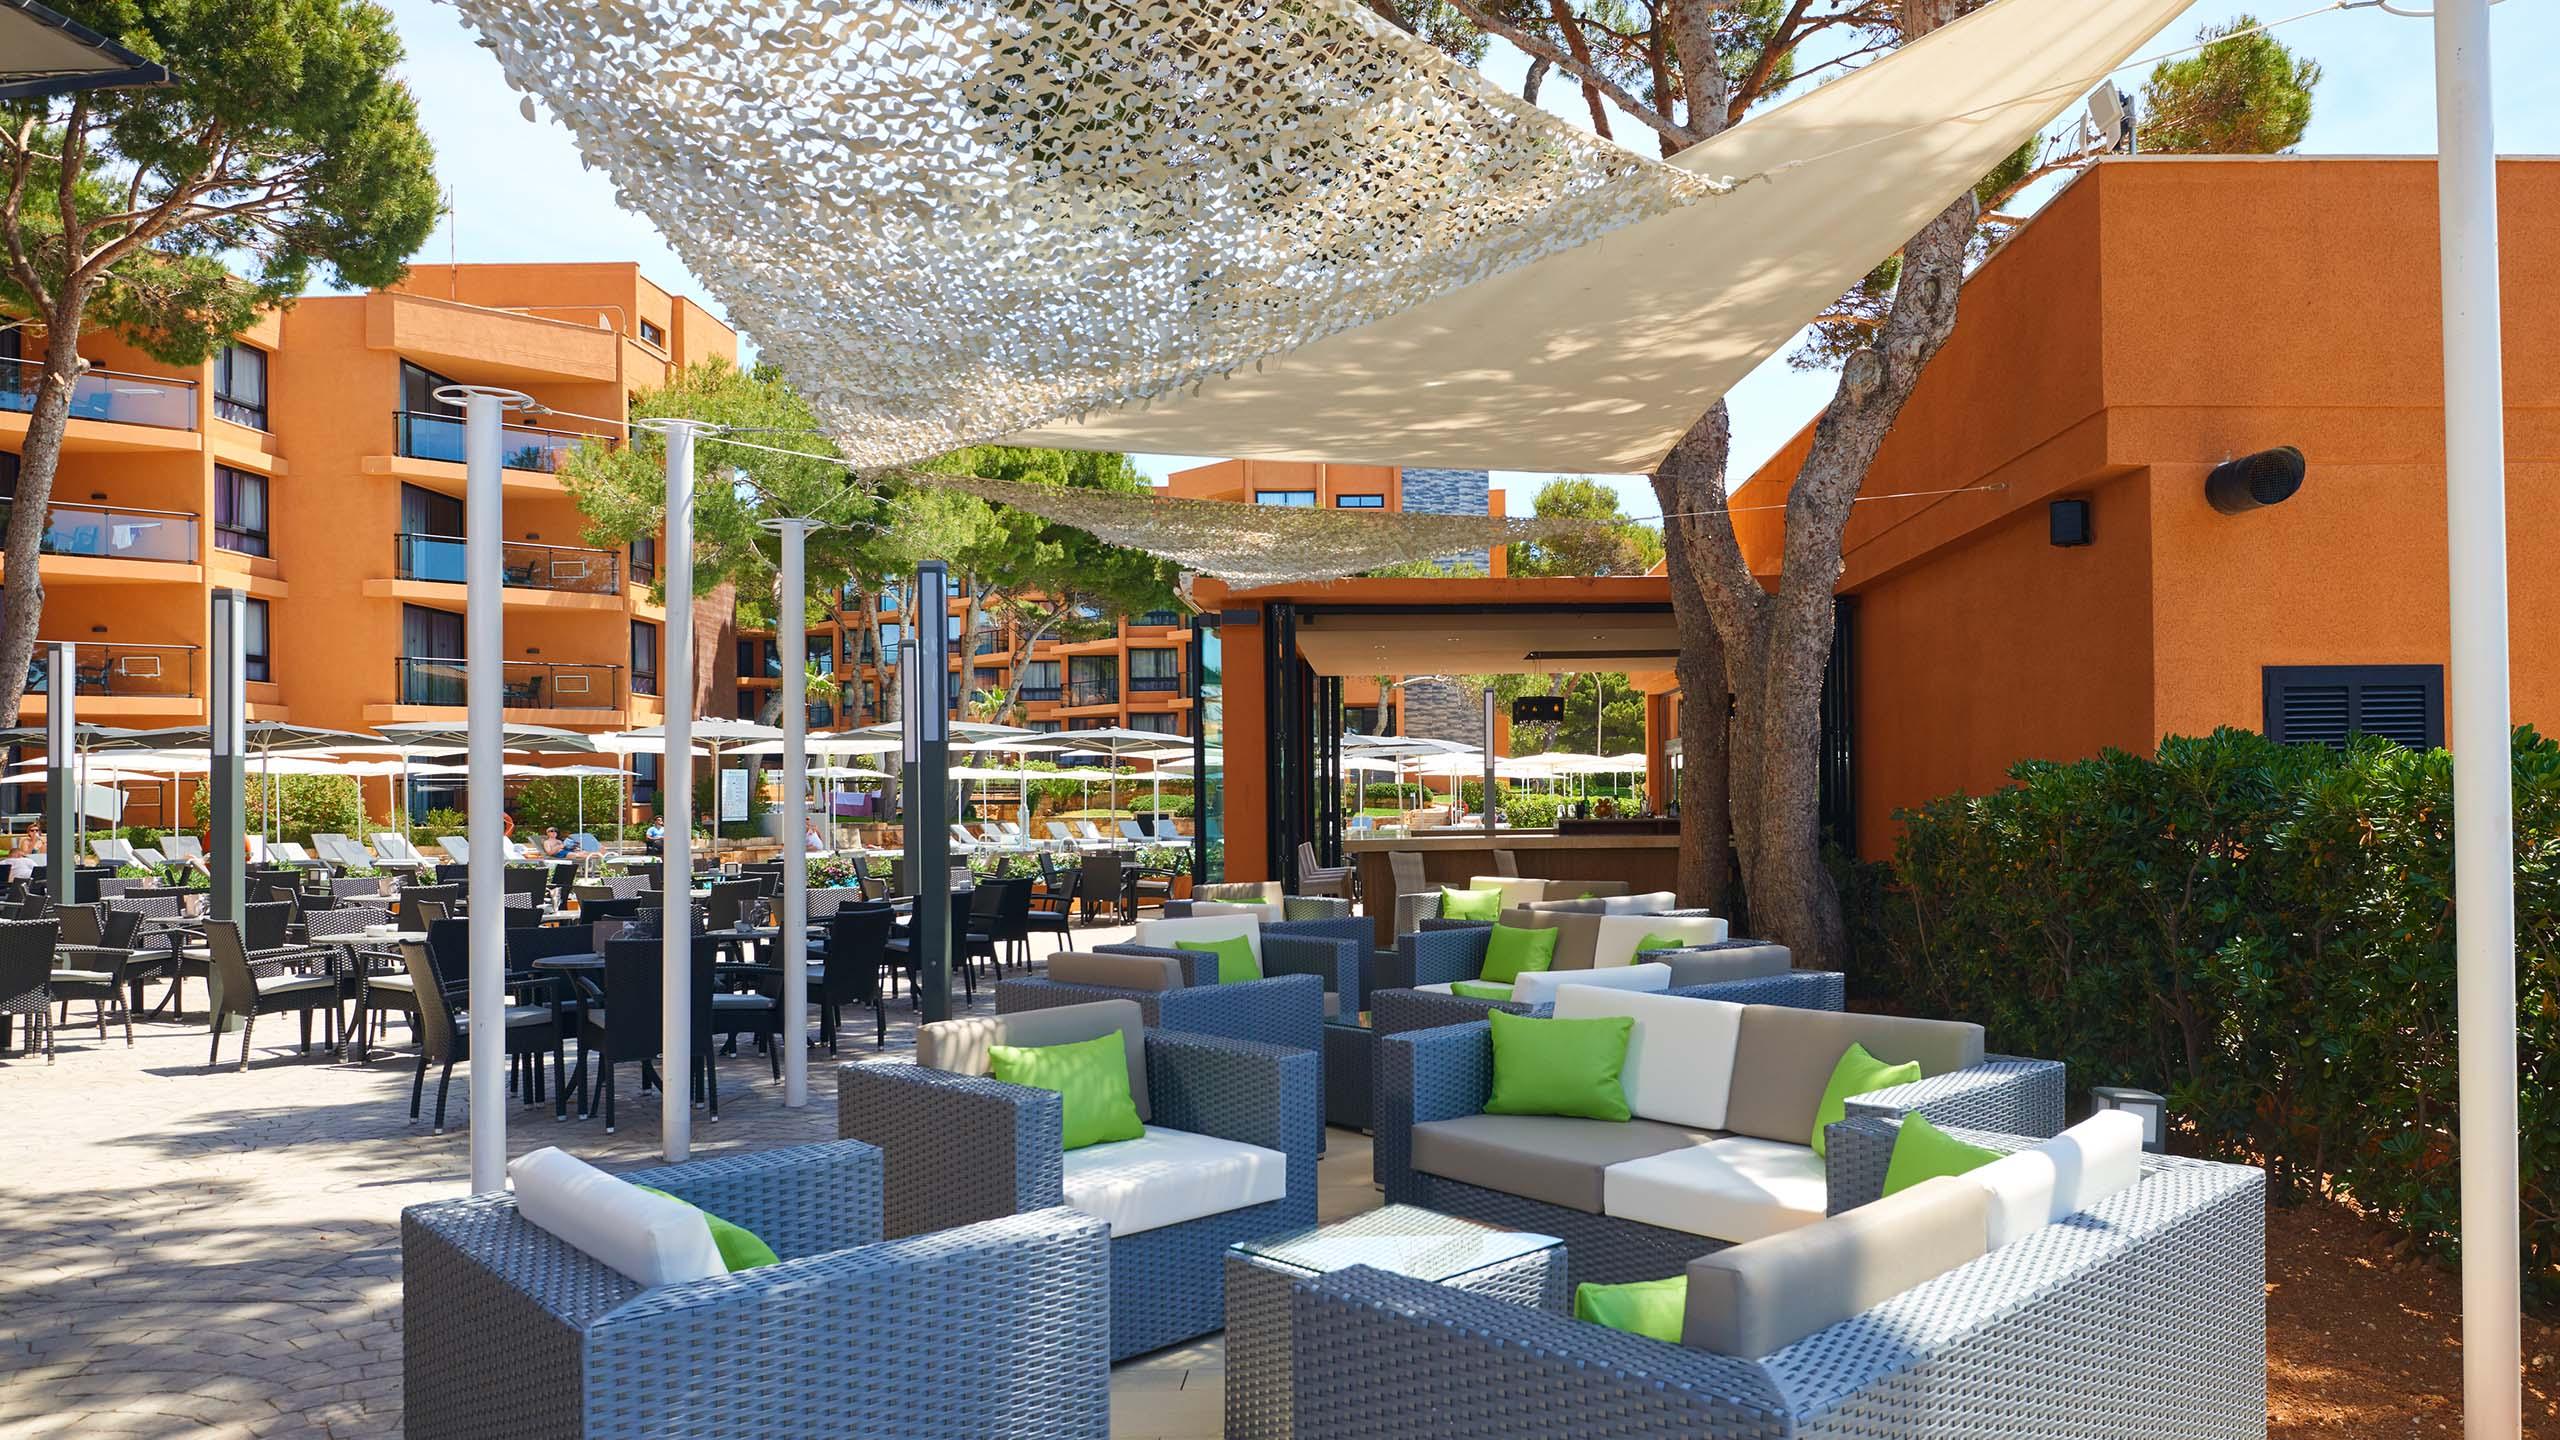 Protur Turo Pins Hotel Spa Mallorca